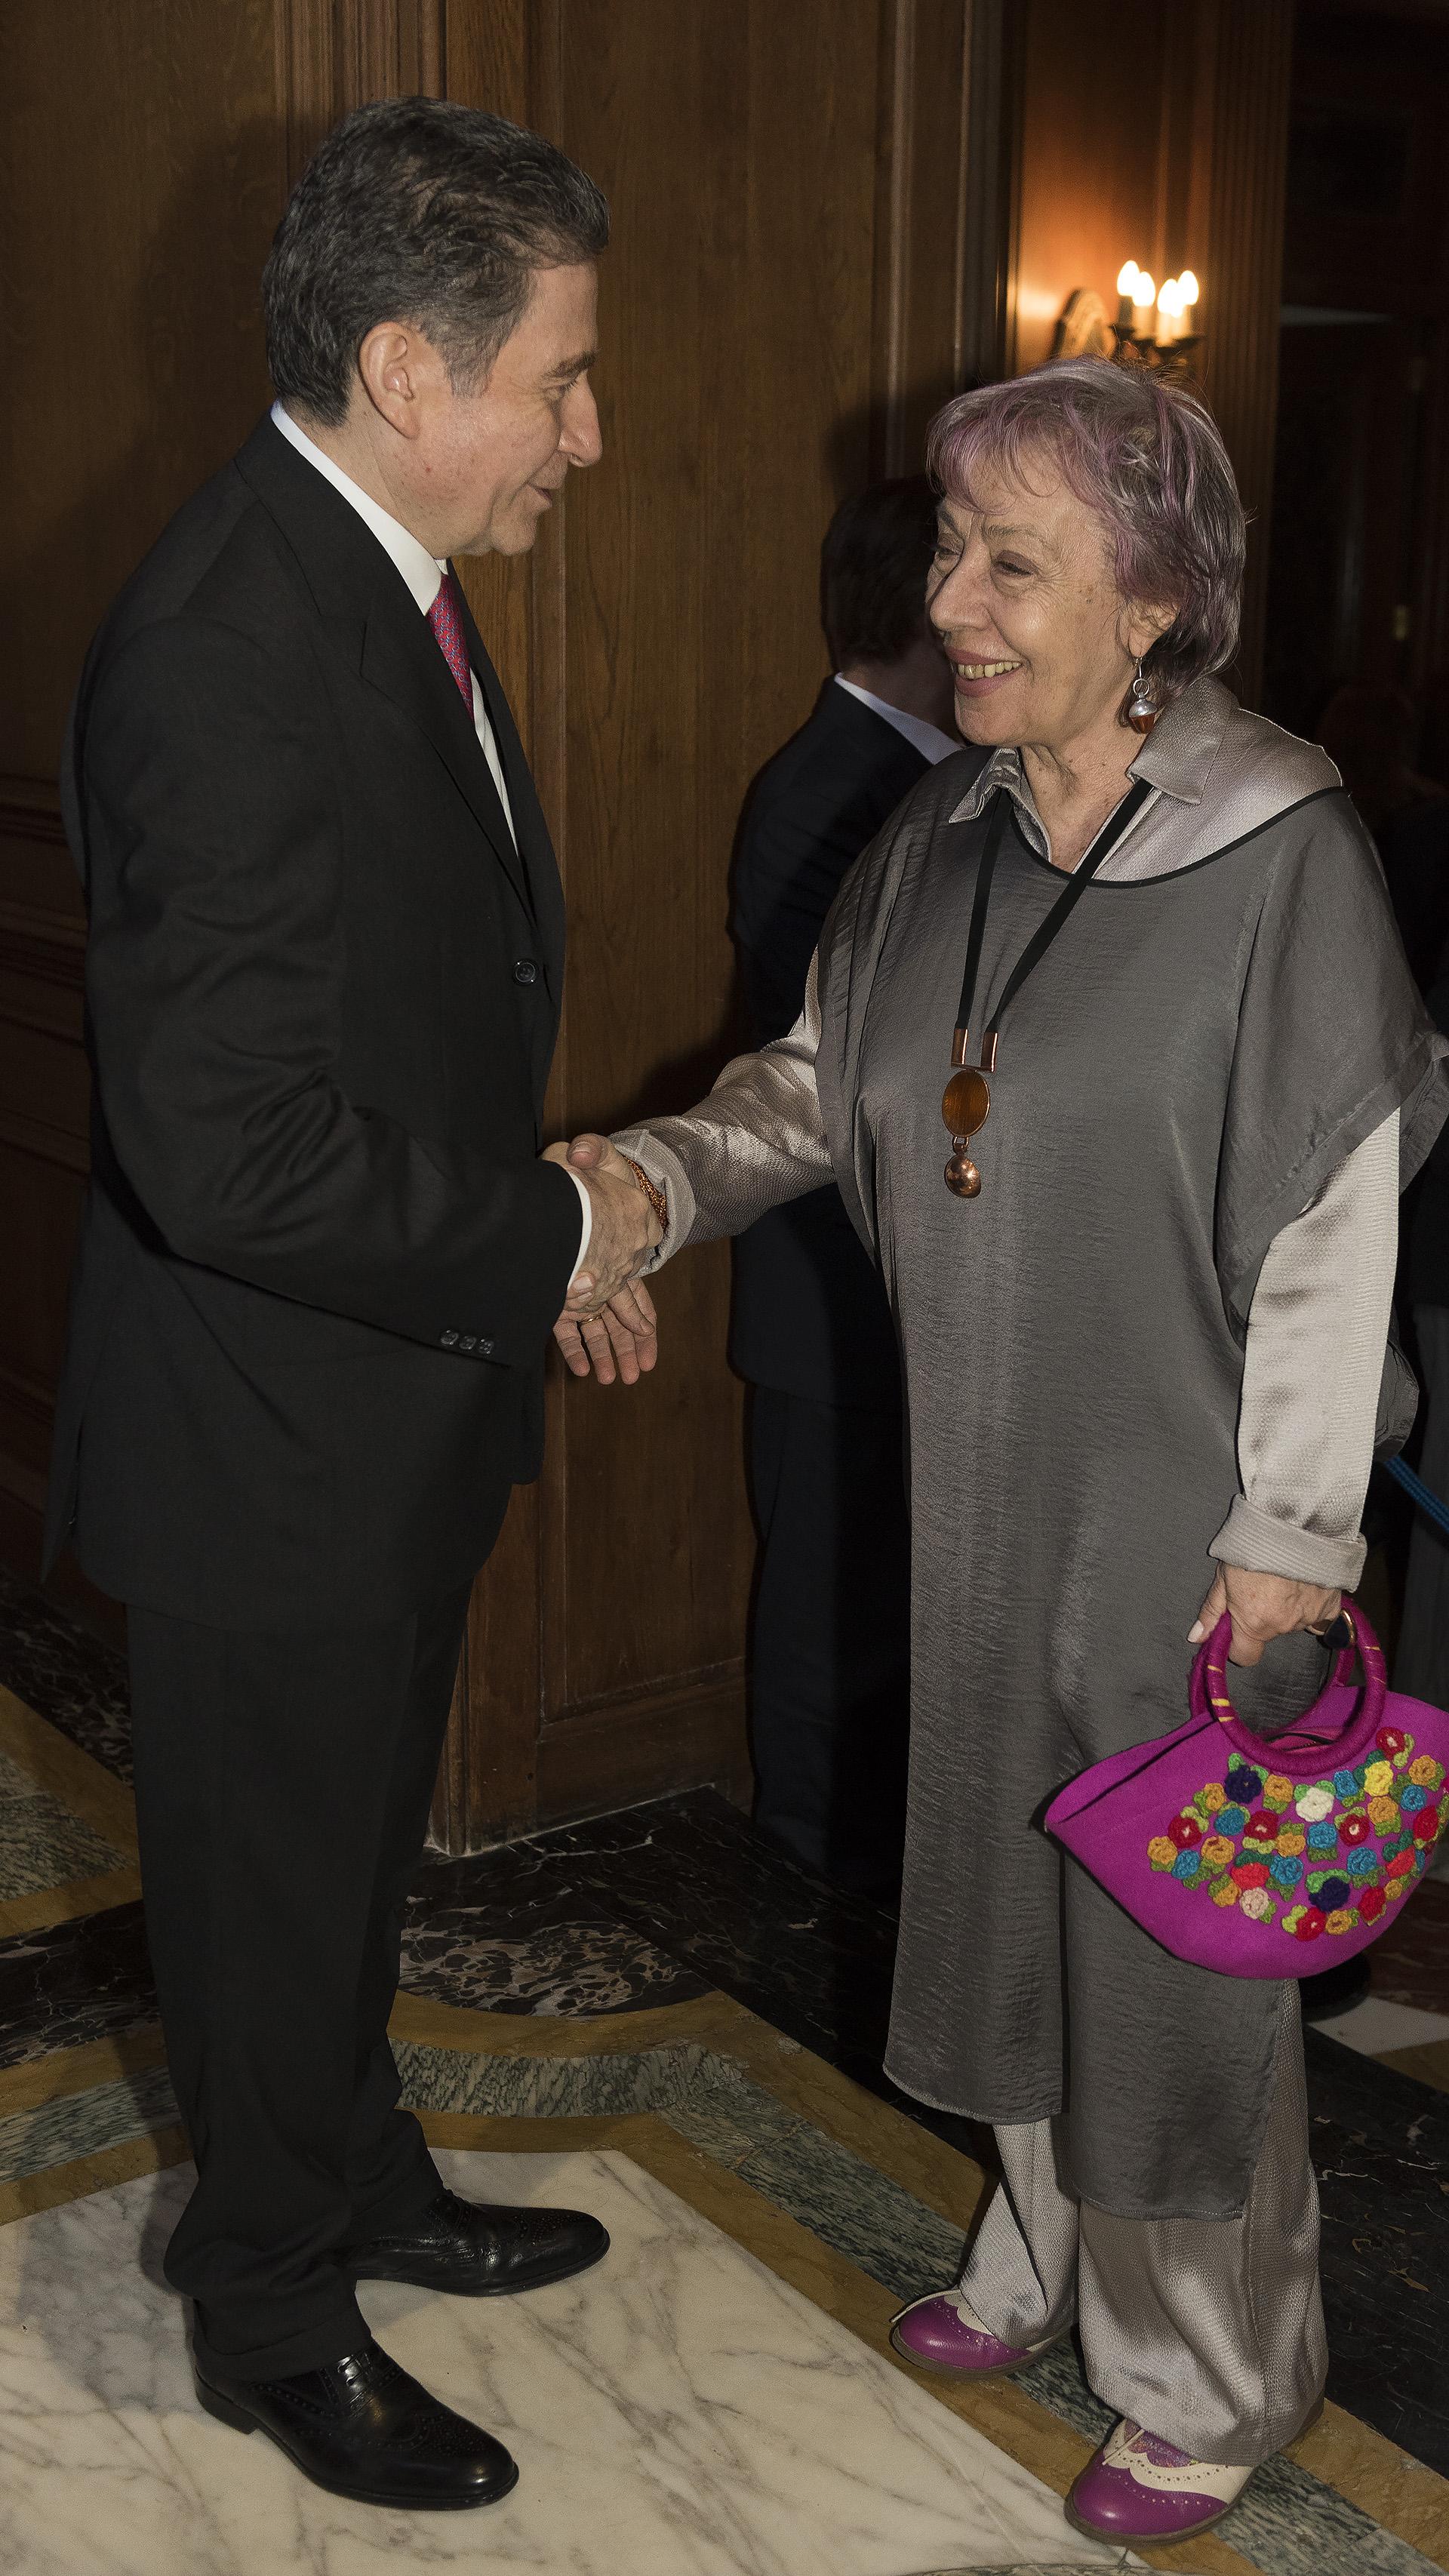 Norma Morandini, directora del Observatorio de Derechos Humanos del Senado